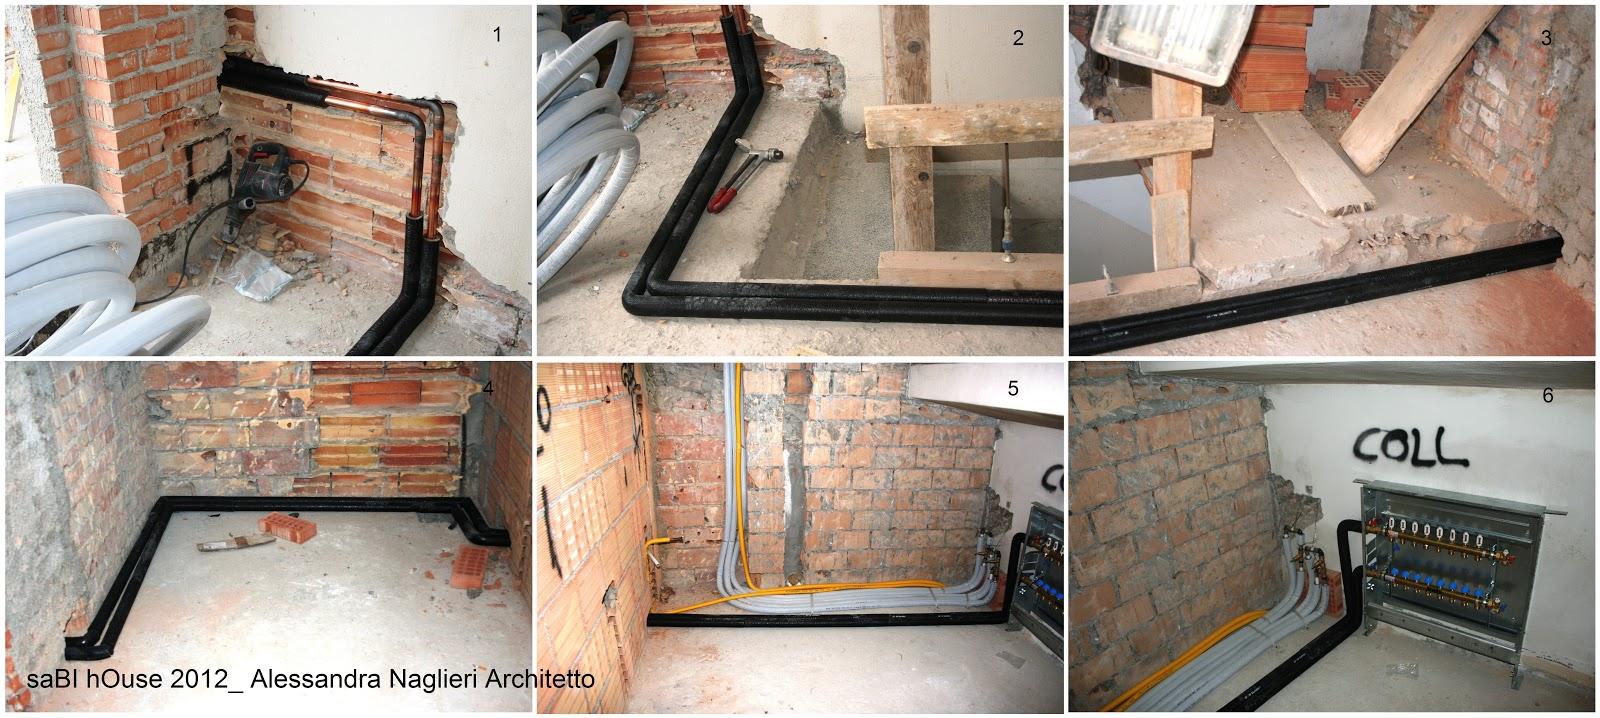 Sabi house gennaio 2016 - Centralina acqua per casa ...